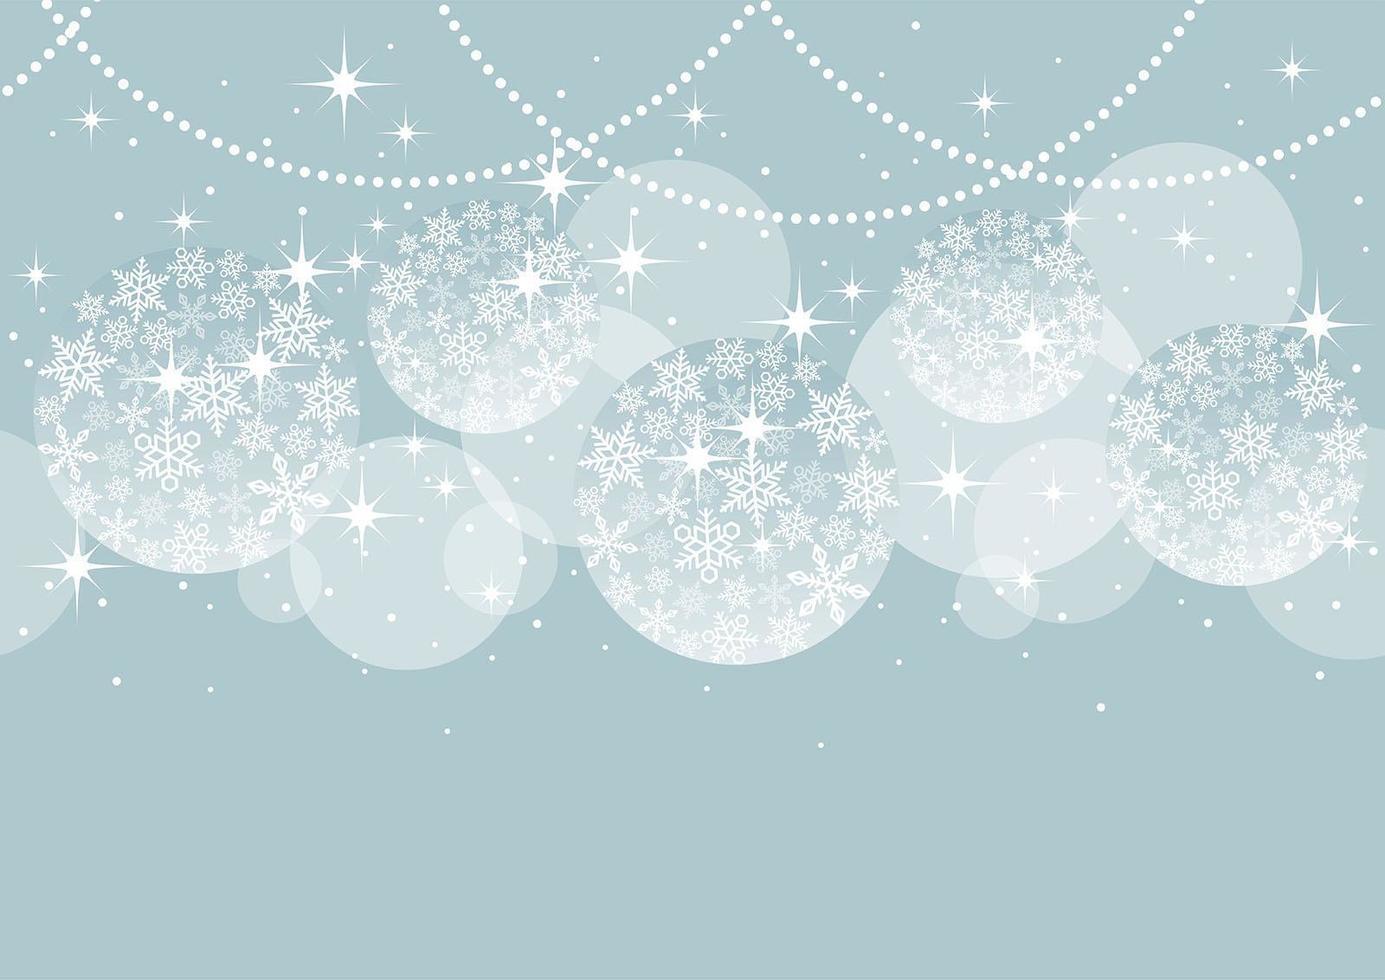 abstrakt jul bakgrund vektor